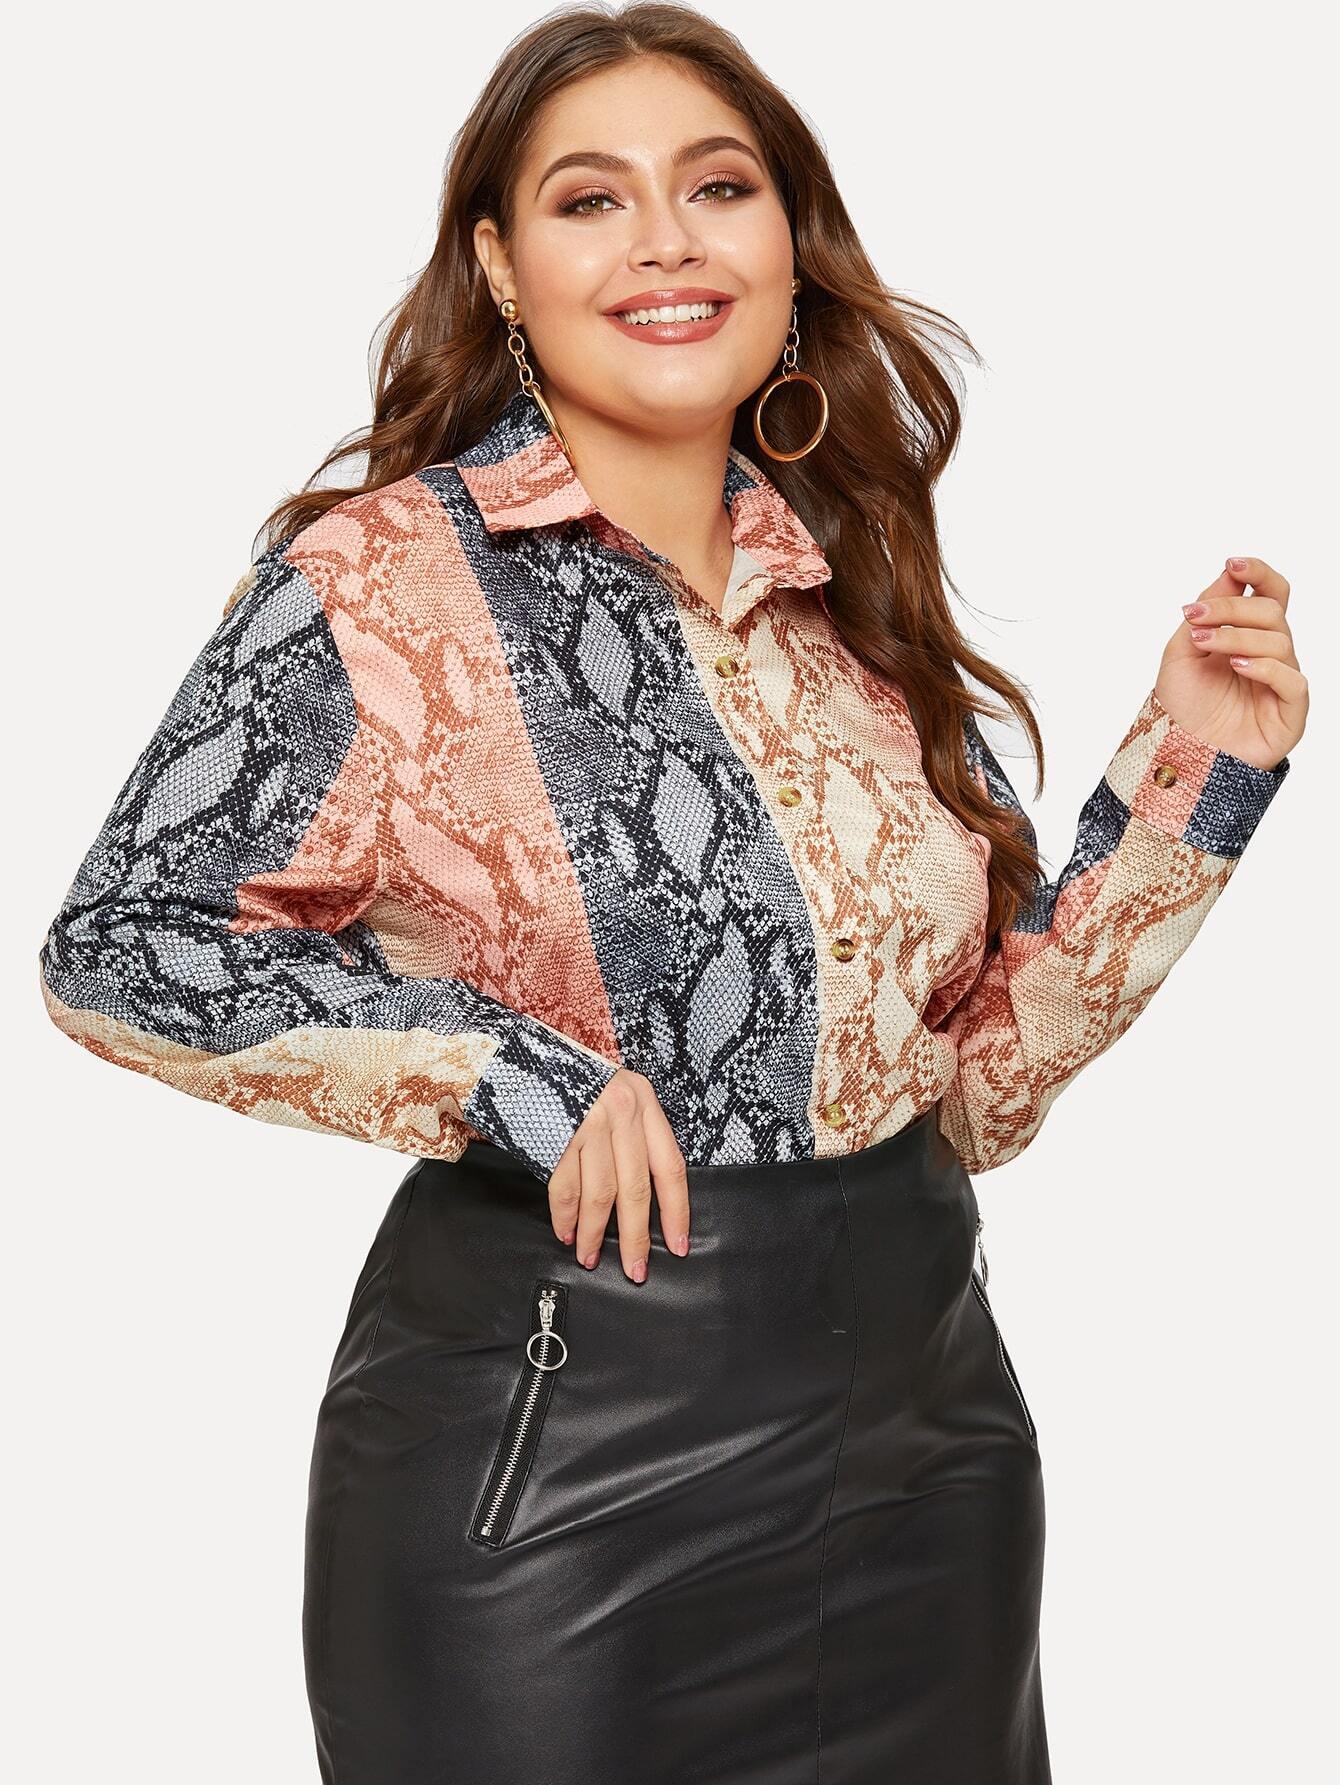 Купить Размера плюс контрастная плоская блуза с змеиным принтом, Carol, SheIn